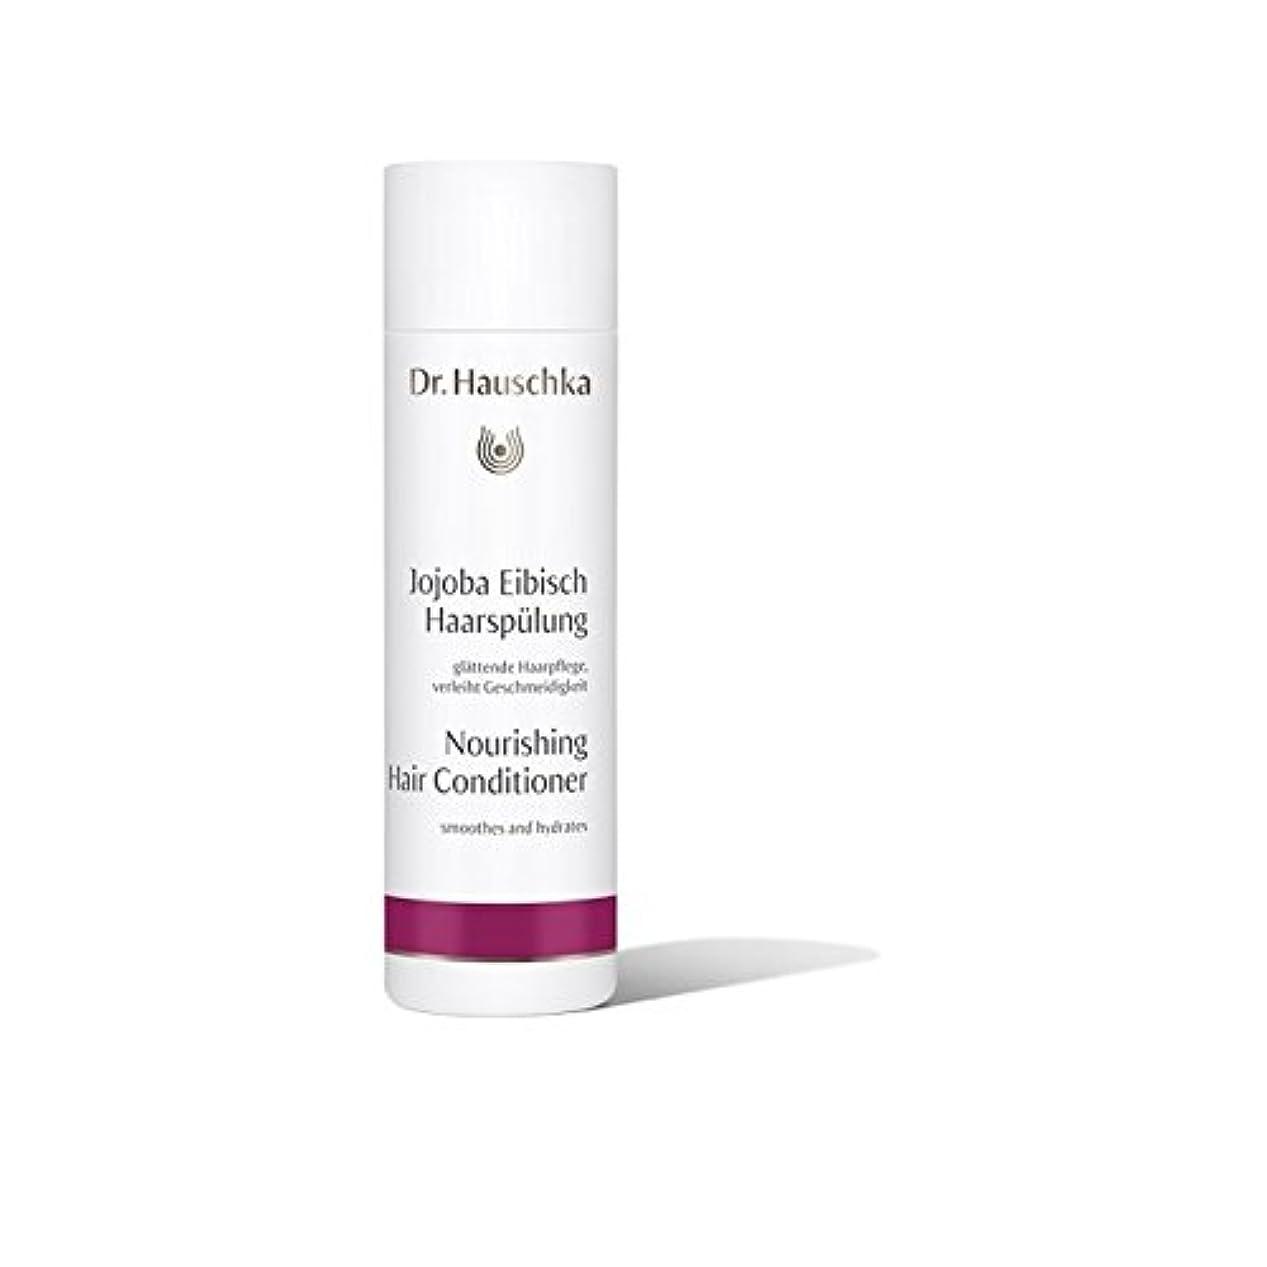 バクテリア衰える魅力的Dr. Hauschka Nourishing Hair Conditioner (200ml) (Pack of 6) - ハウシュカ栄養ヘアコンディショナー(200ミリリットル) x6 [並行輸入品]